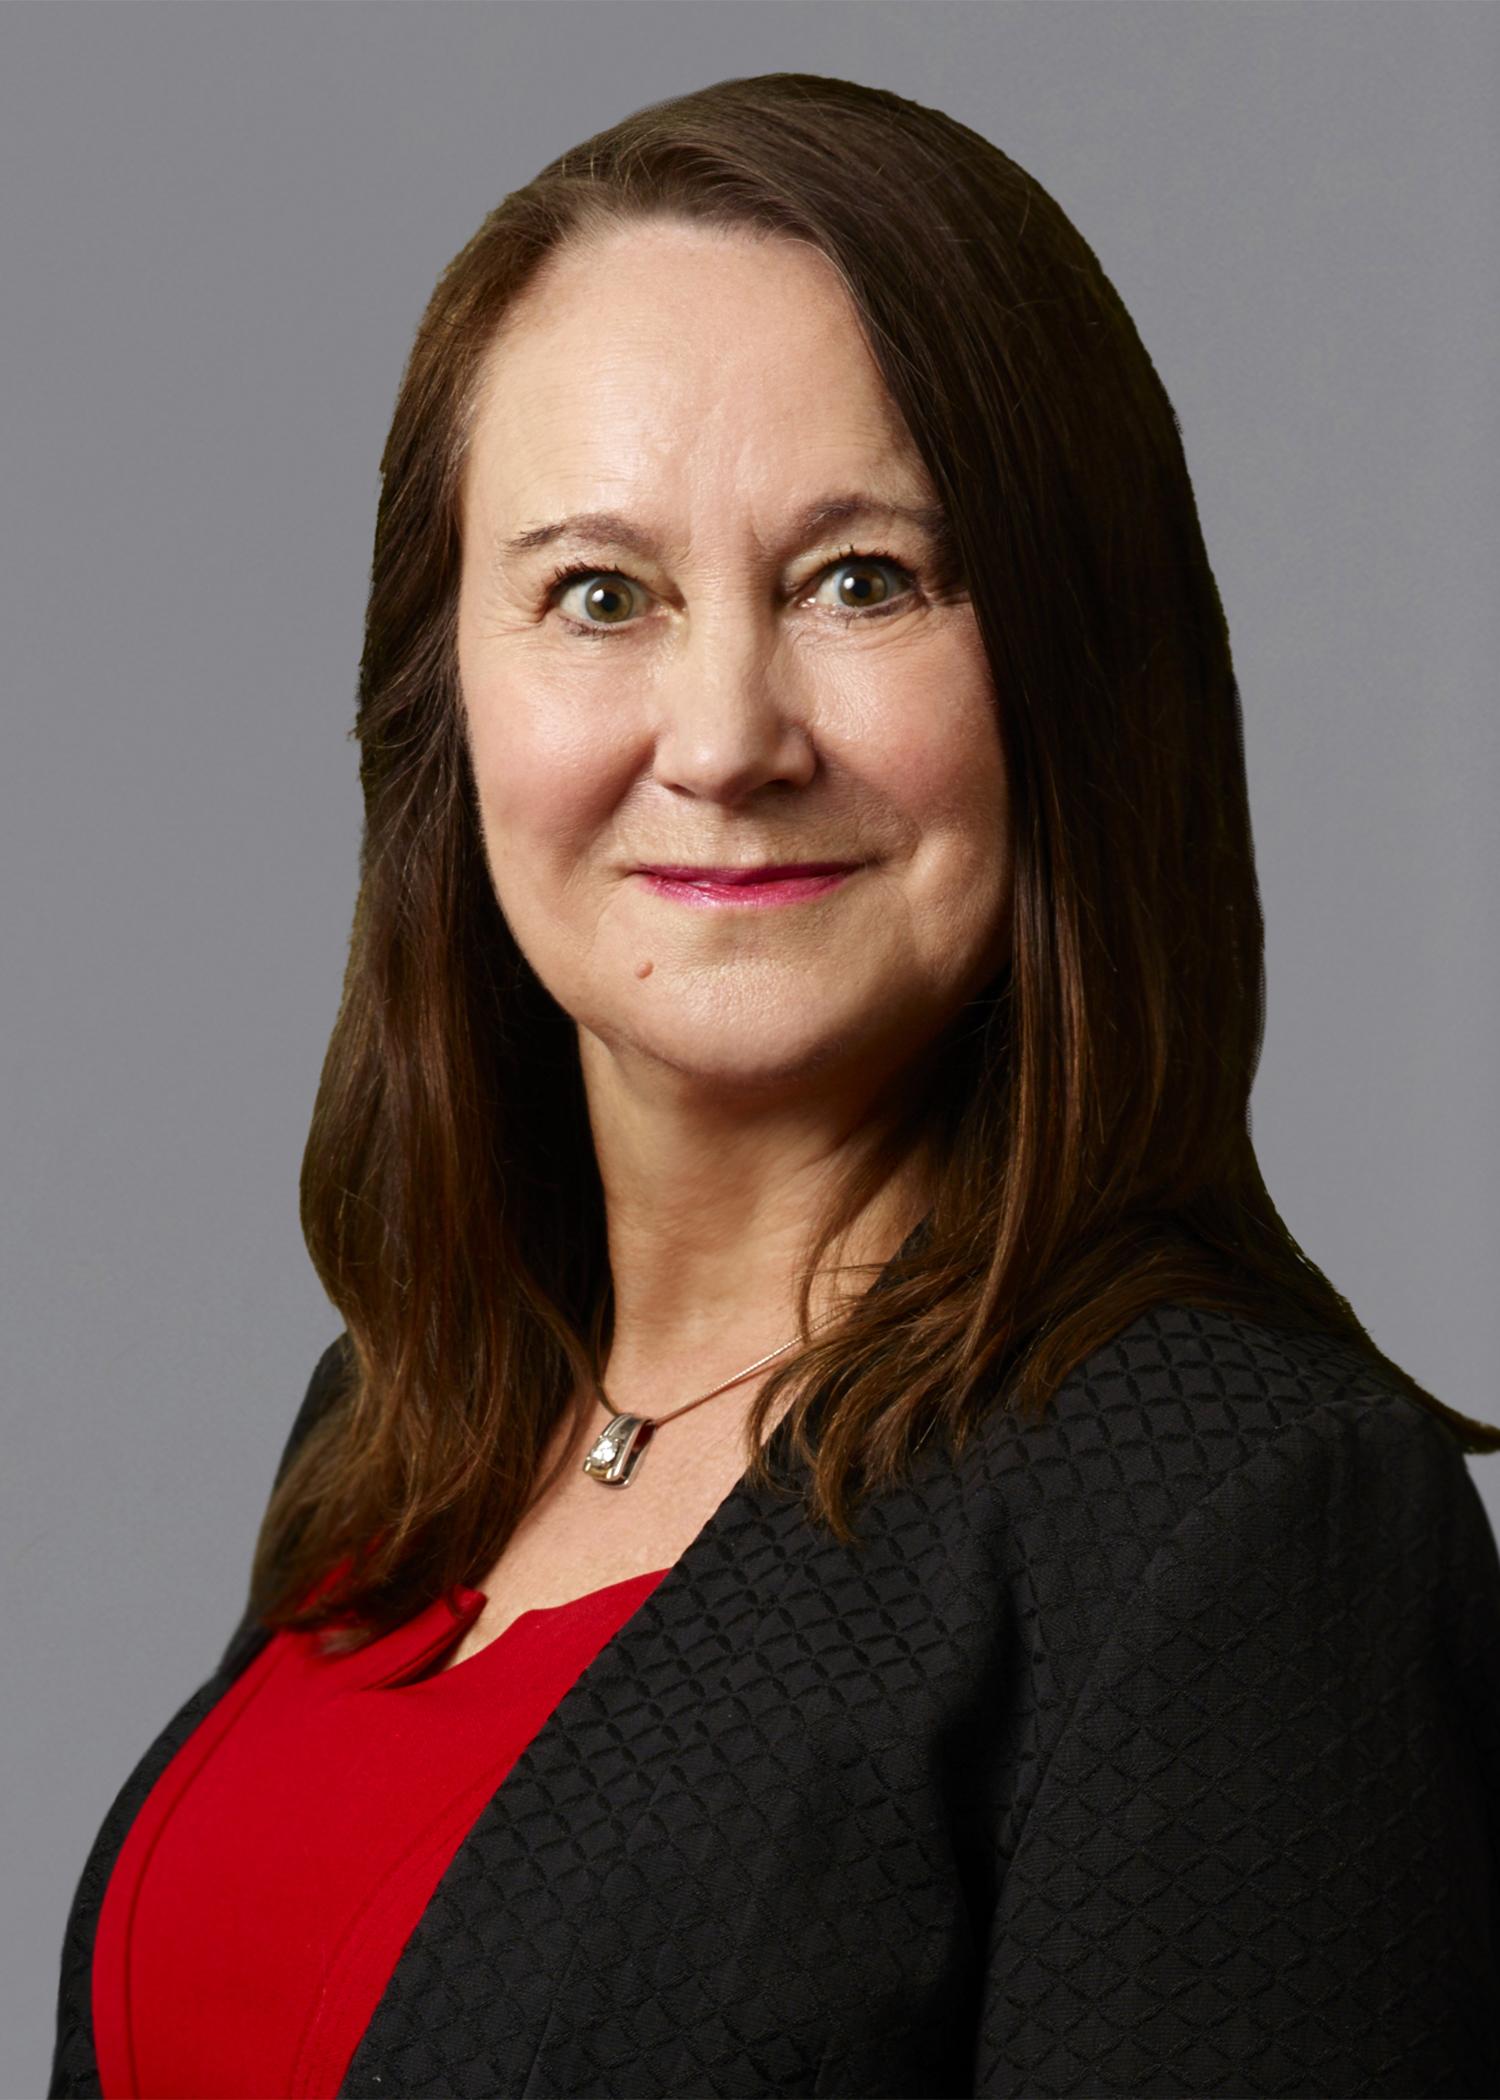 Alison R. Manzer